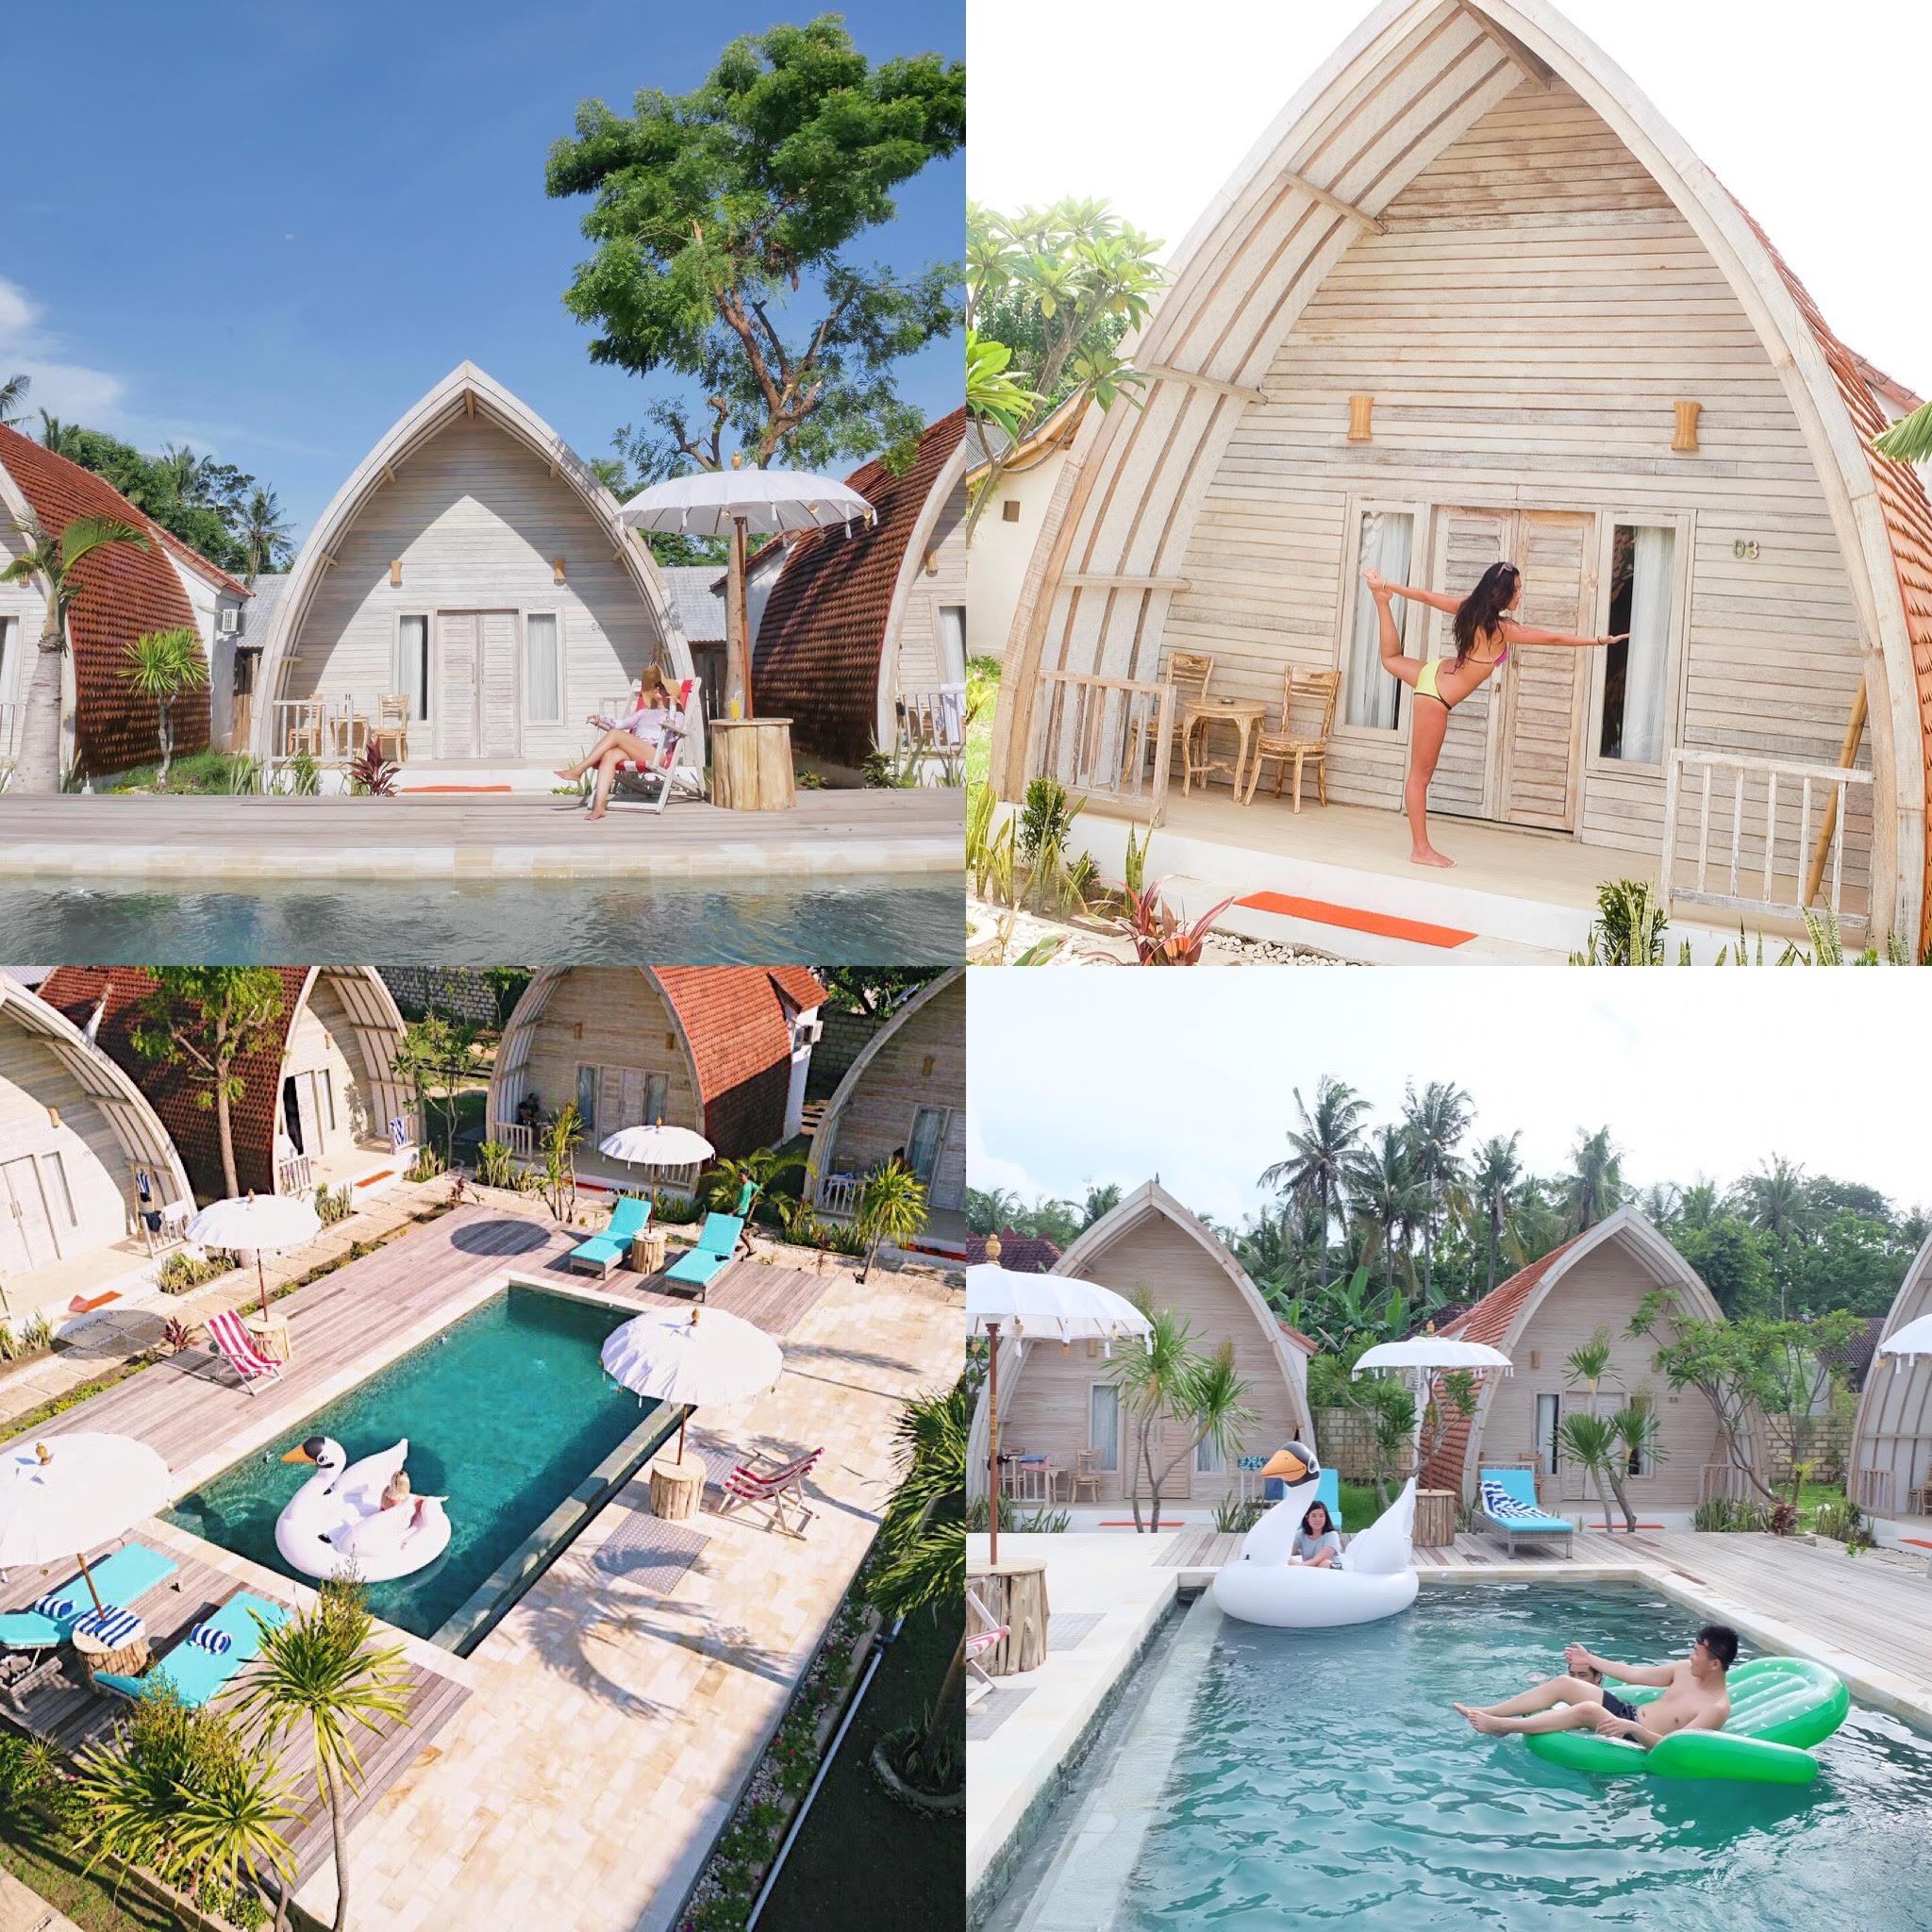 Promo Paket Wisata Nusa Penida Tours Termurah 2018 Tour Trip Bali Hotel